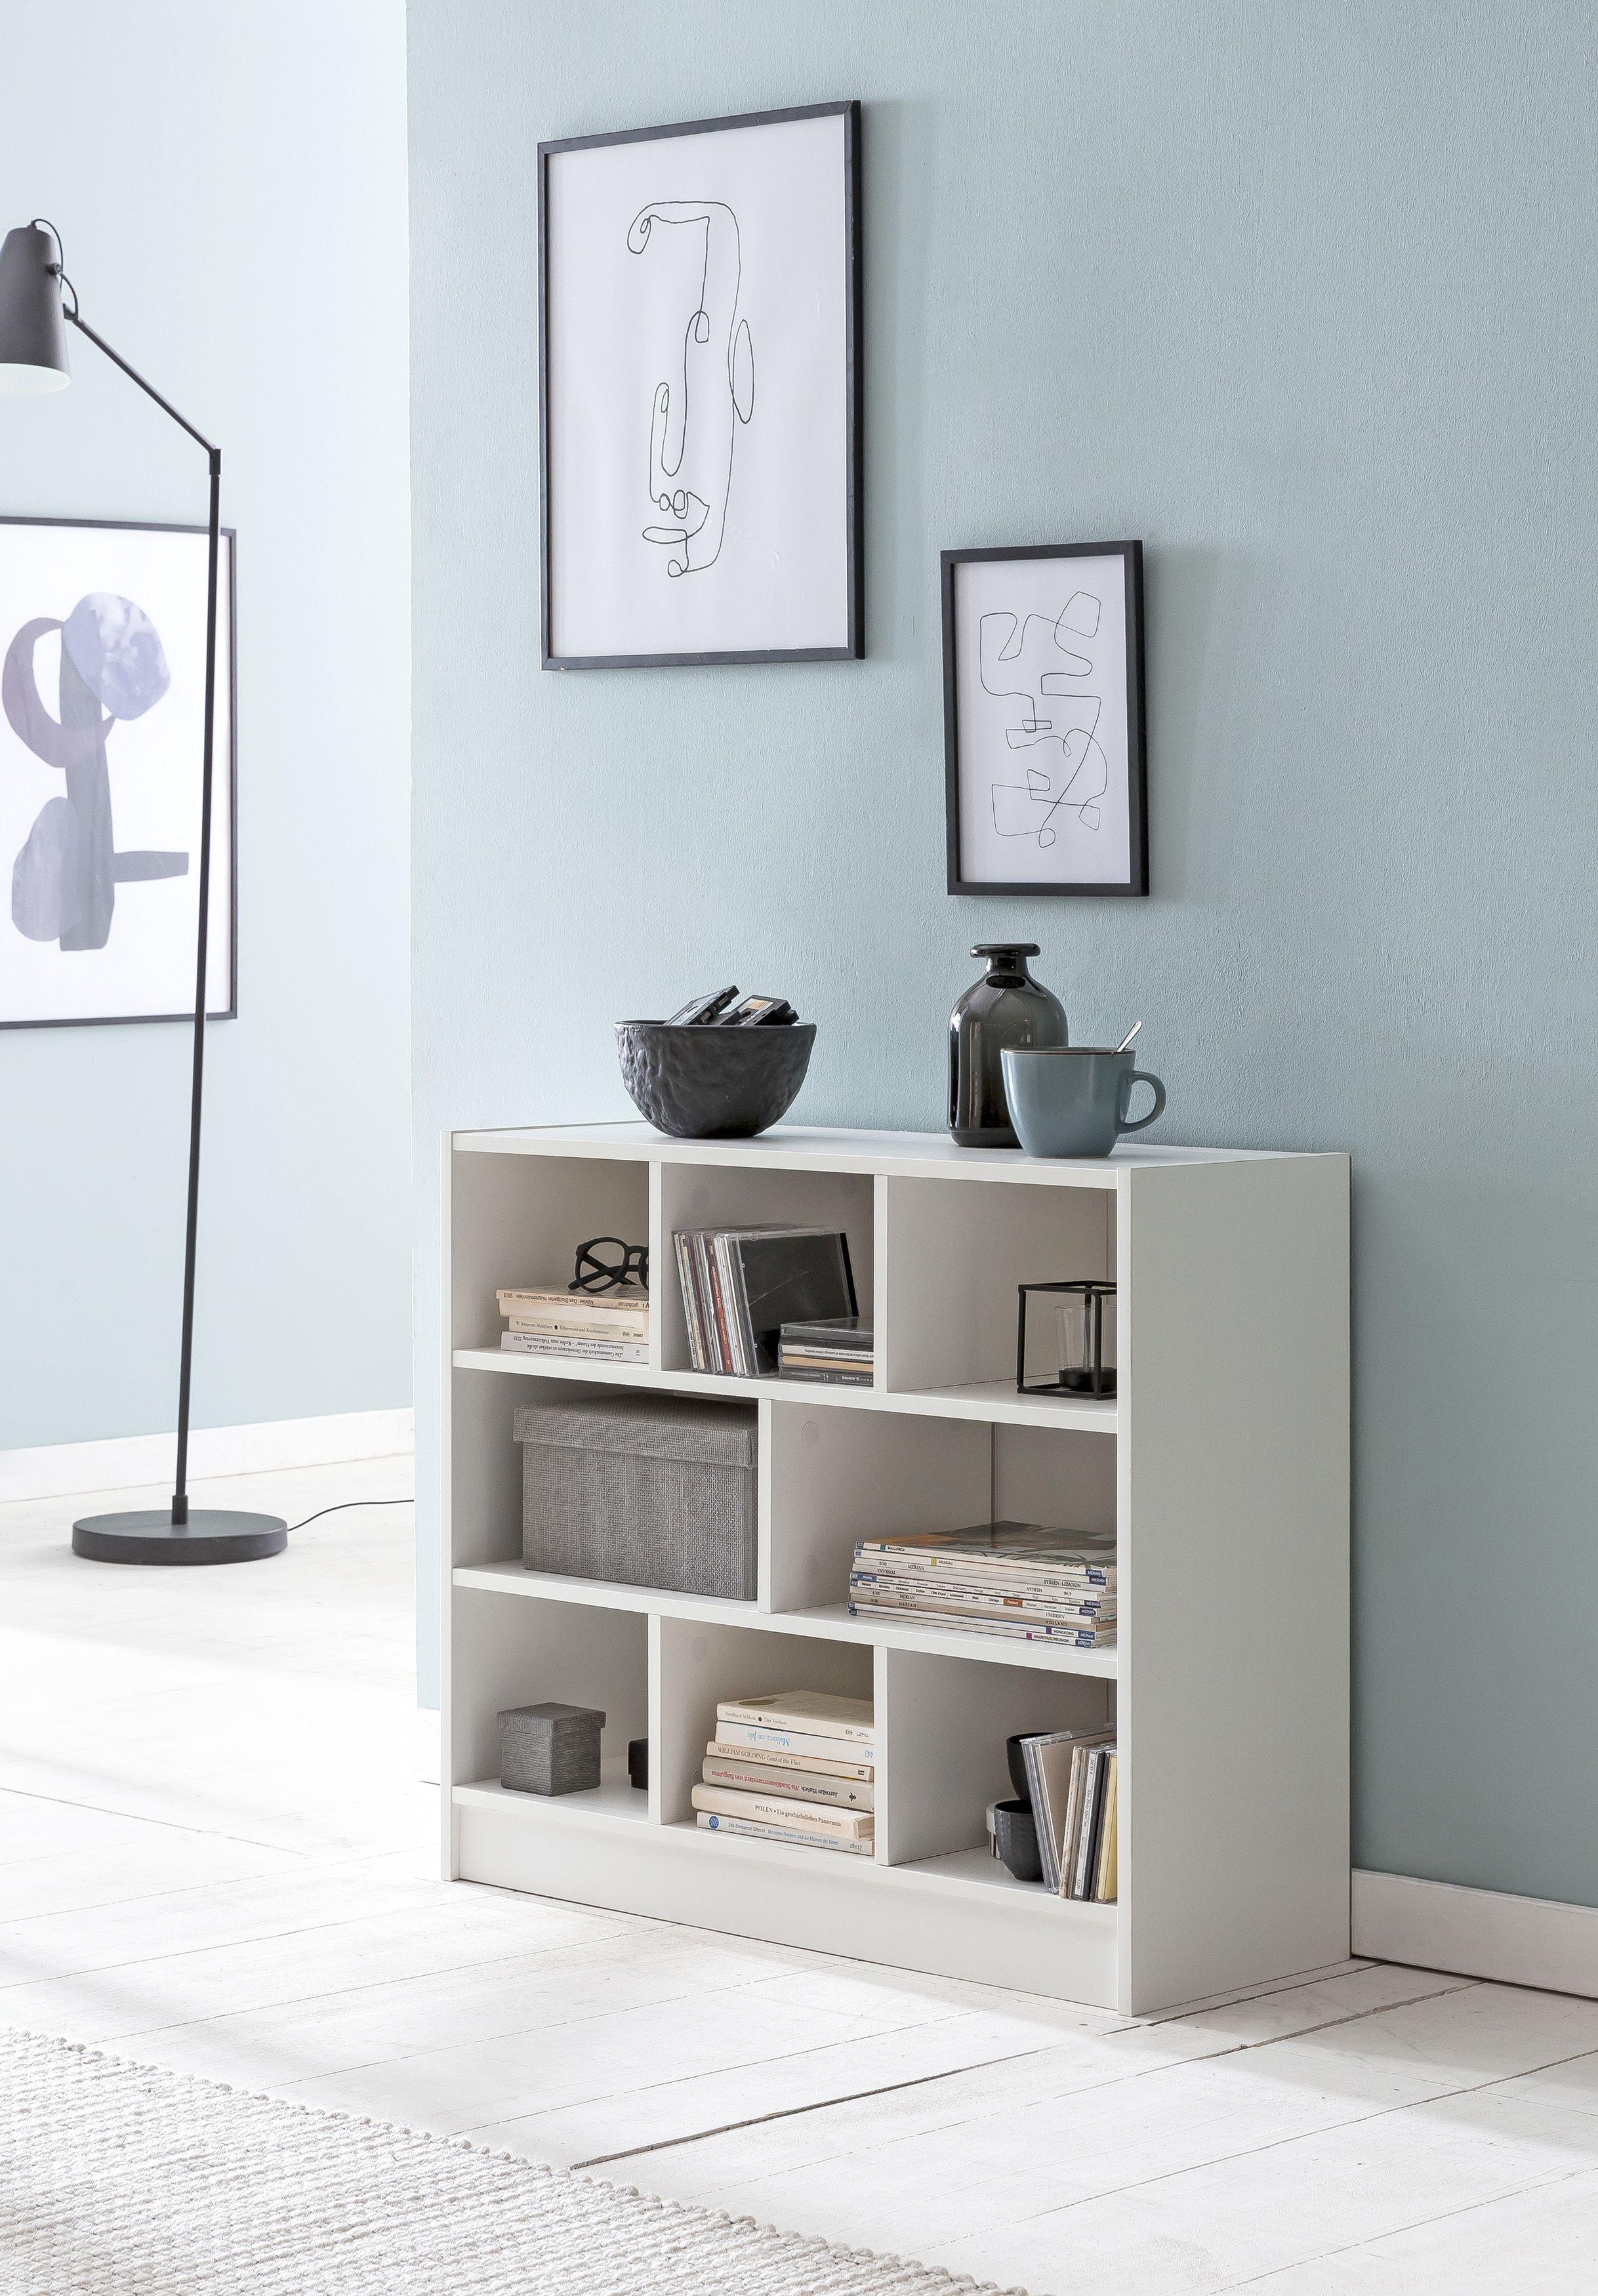 Pin auf MDF und Spannplatten Möbel